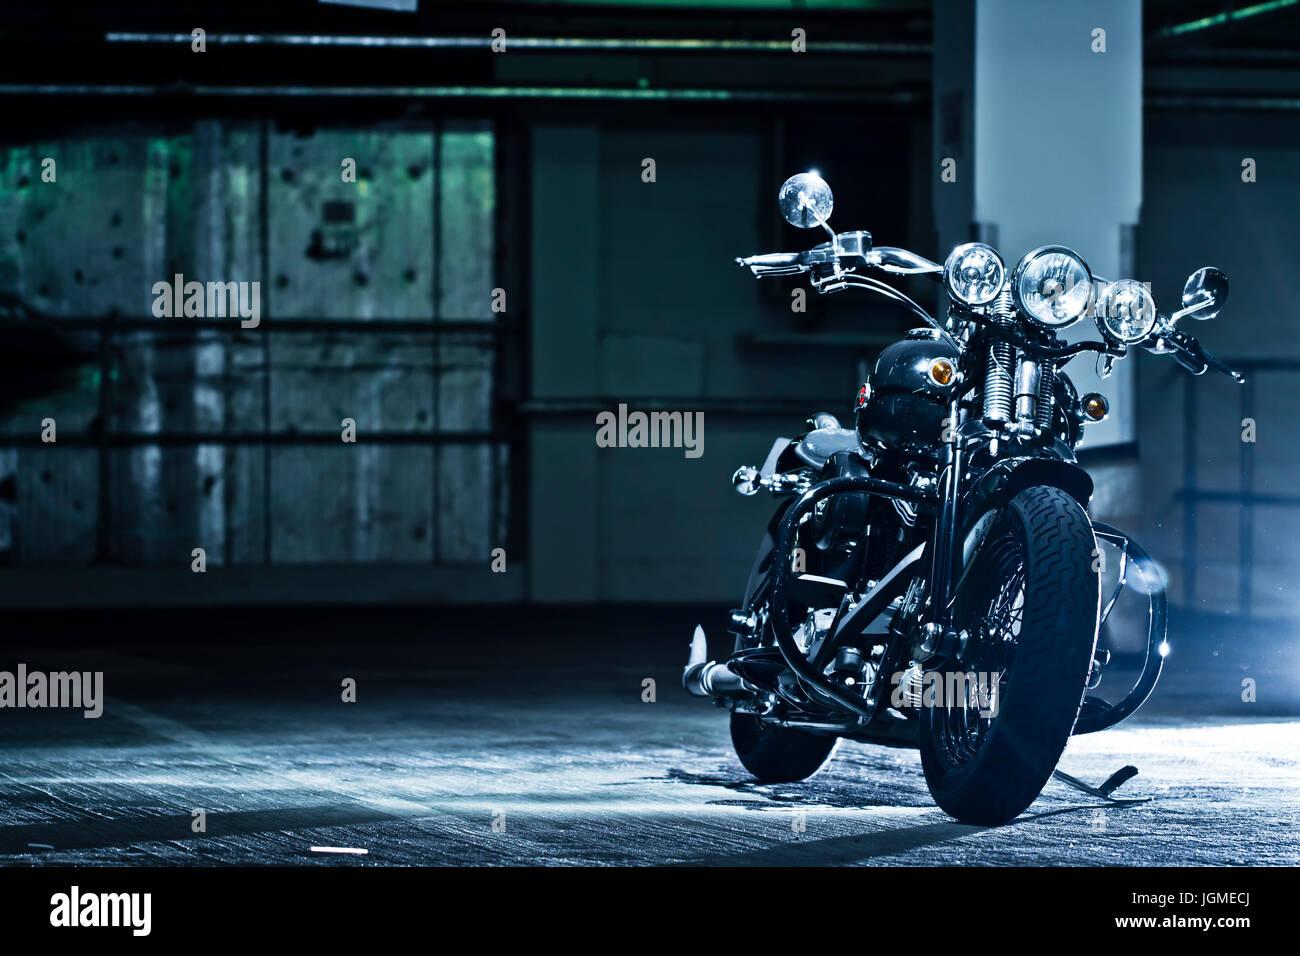 motorbike parked in the garage. Modified Harley Davidson Bobber parked in underground garage. Stock Photo